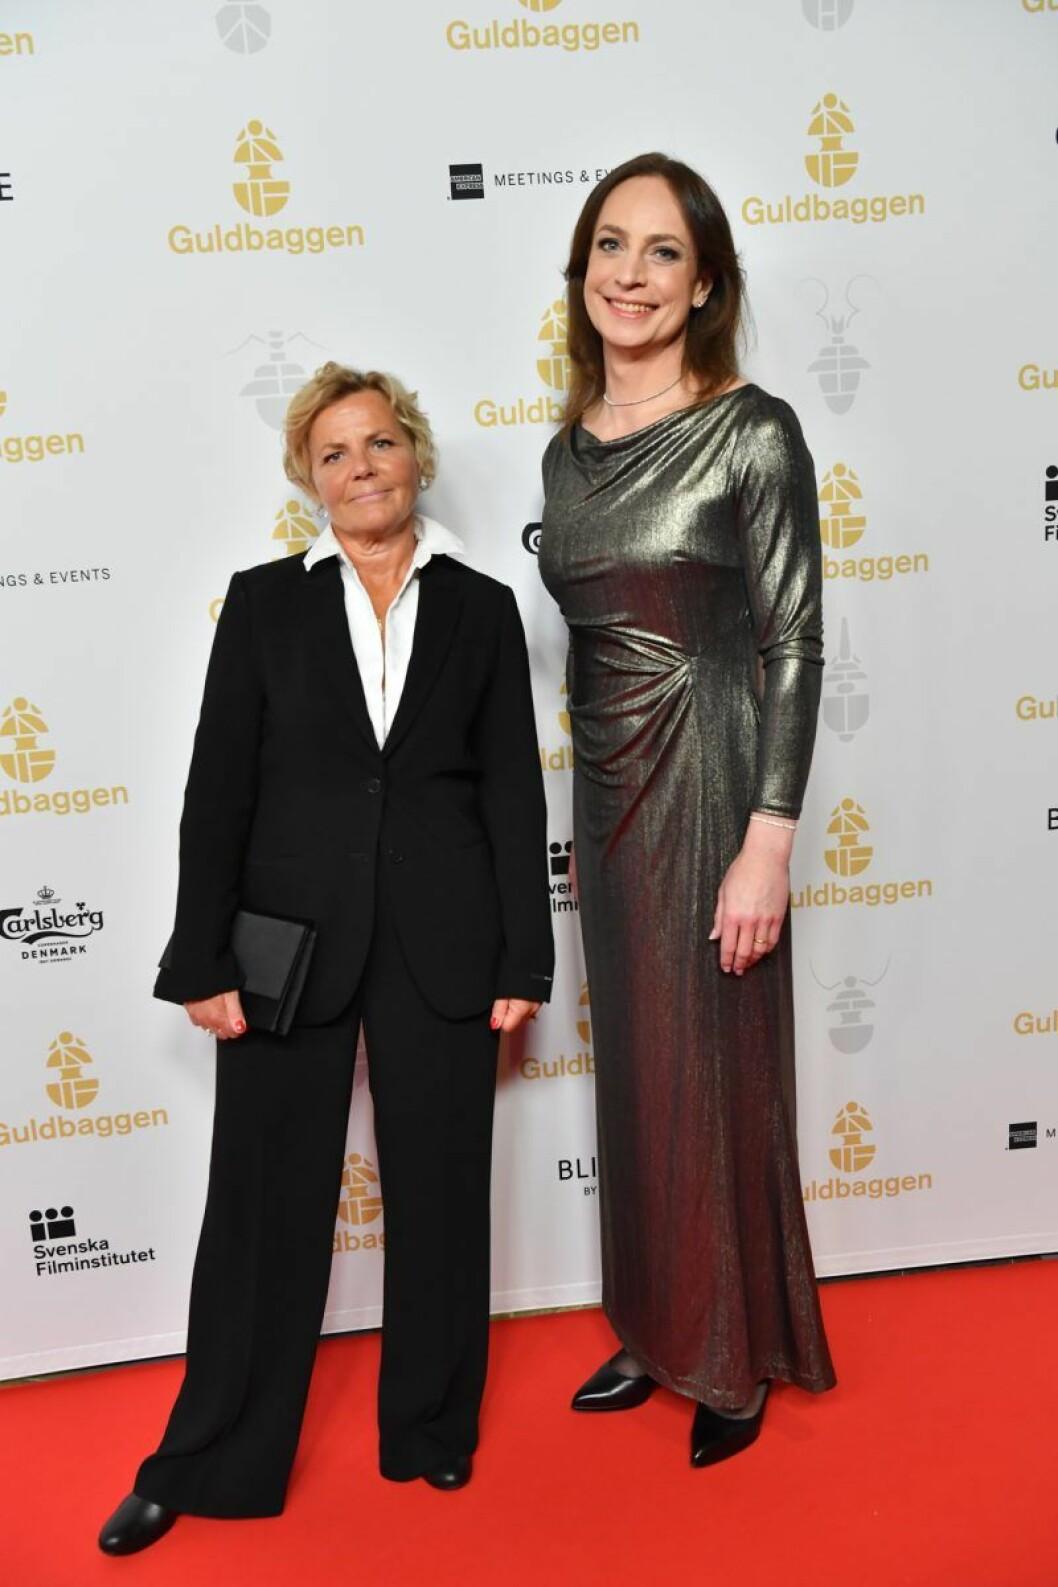 Anna Serner, vd på Svenska Filminstitutet, tillsammans med Caroline Farberger på röda mattan på Guldbaggegalan 2020